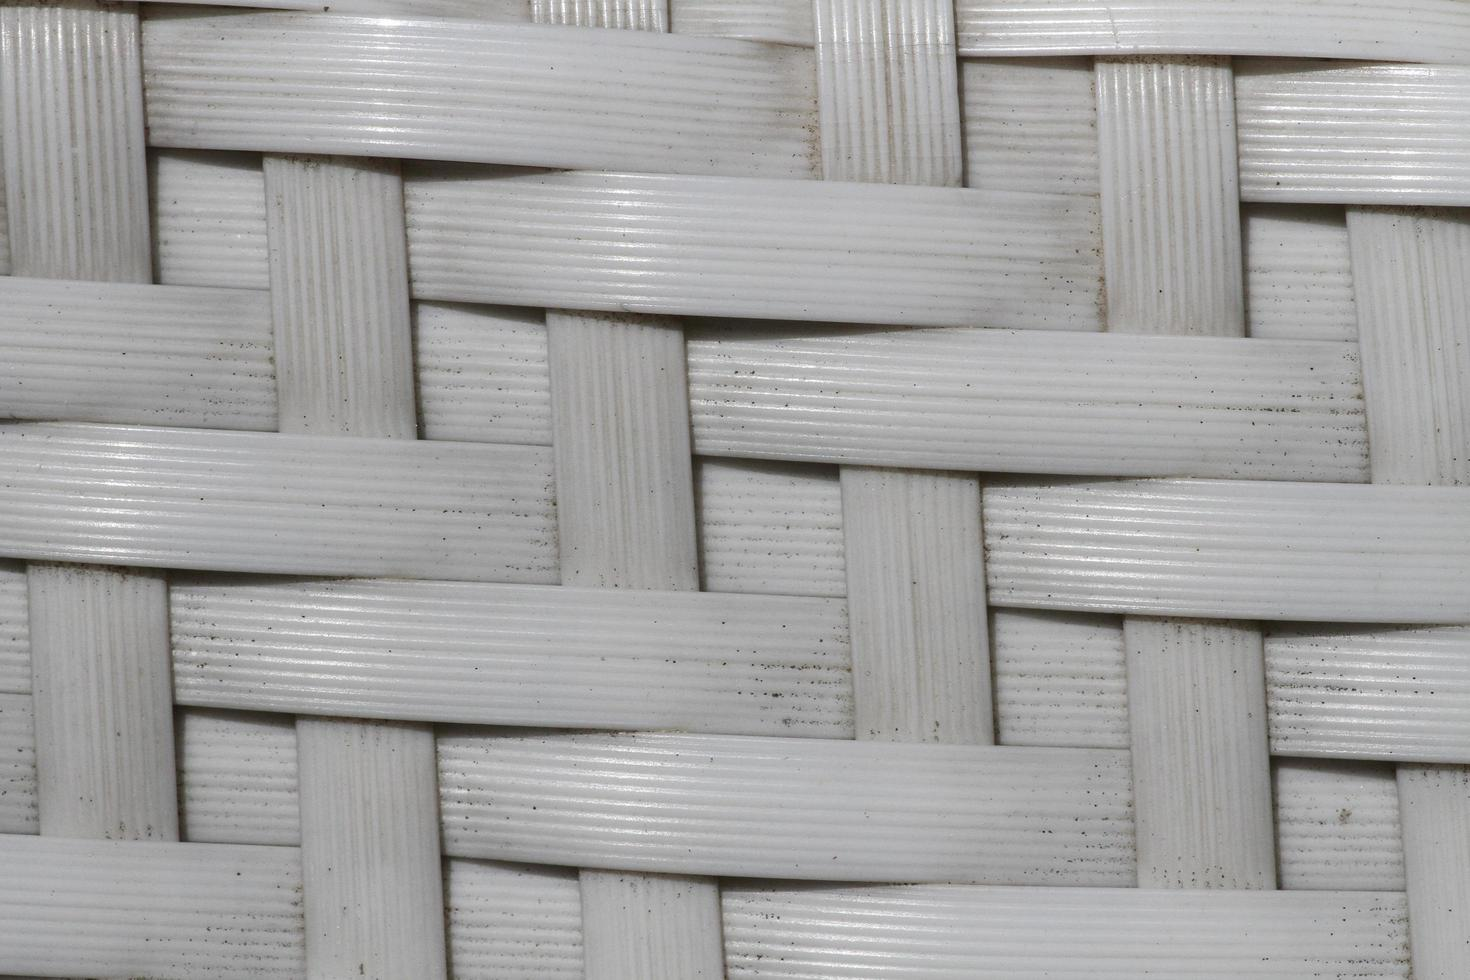 Strohmaschenmuster aus Kunststoff foto